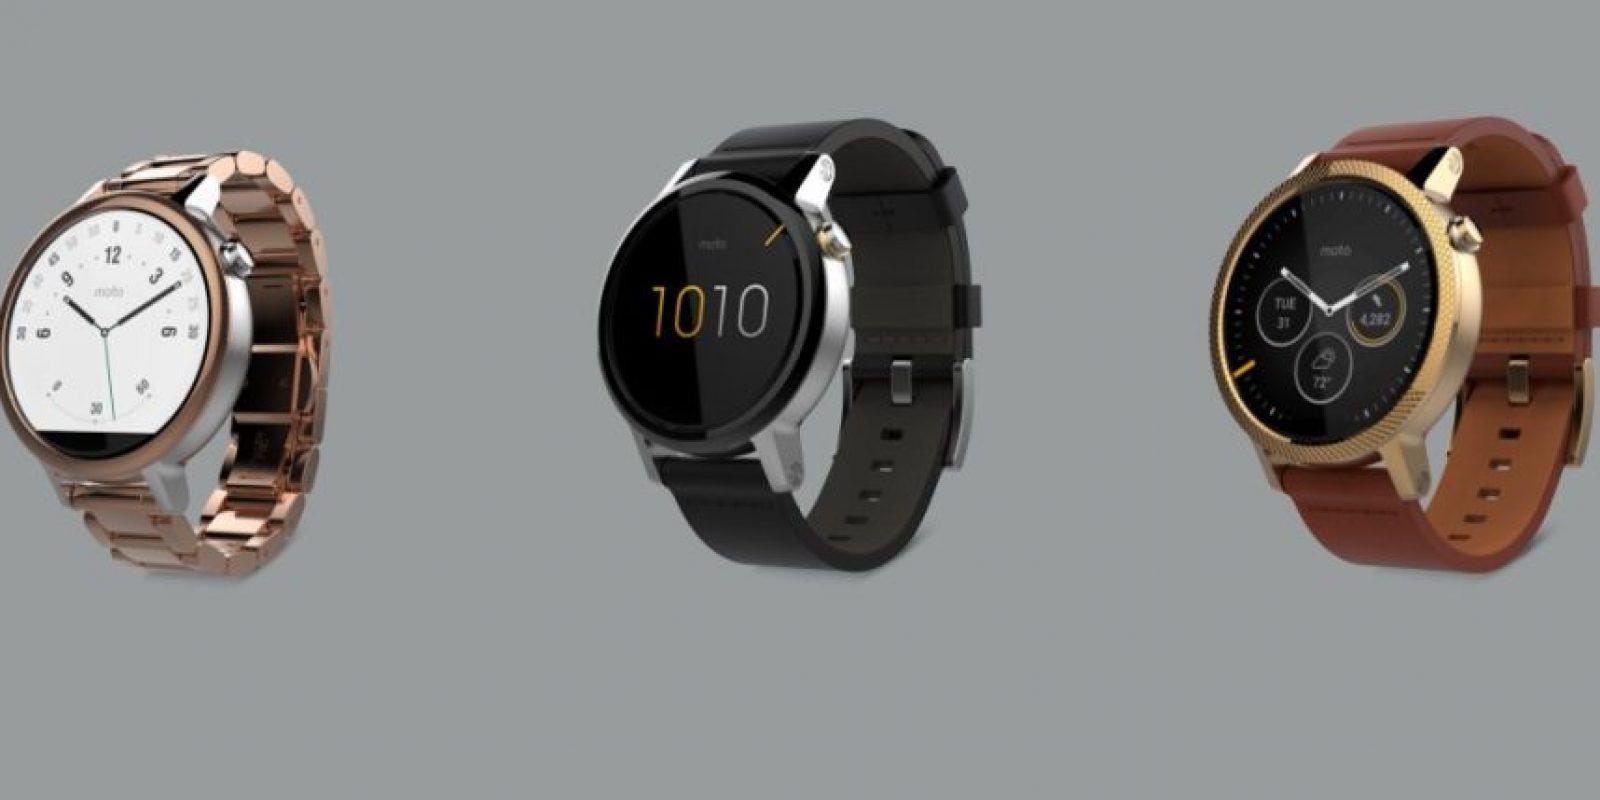 Disponible desde 299 dólares. Foto:Motorola